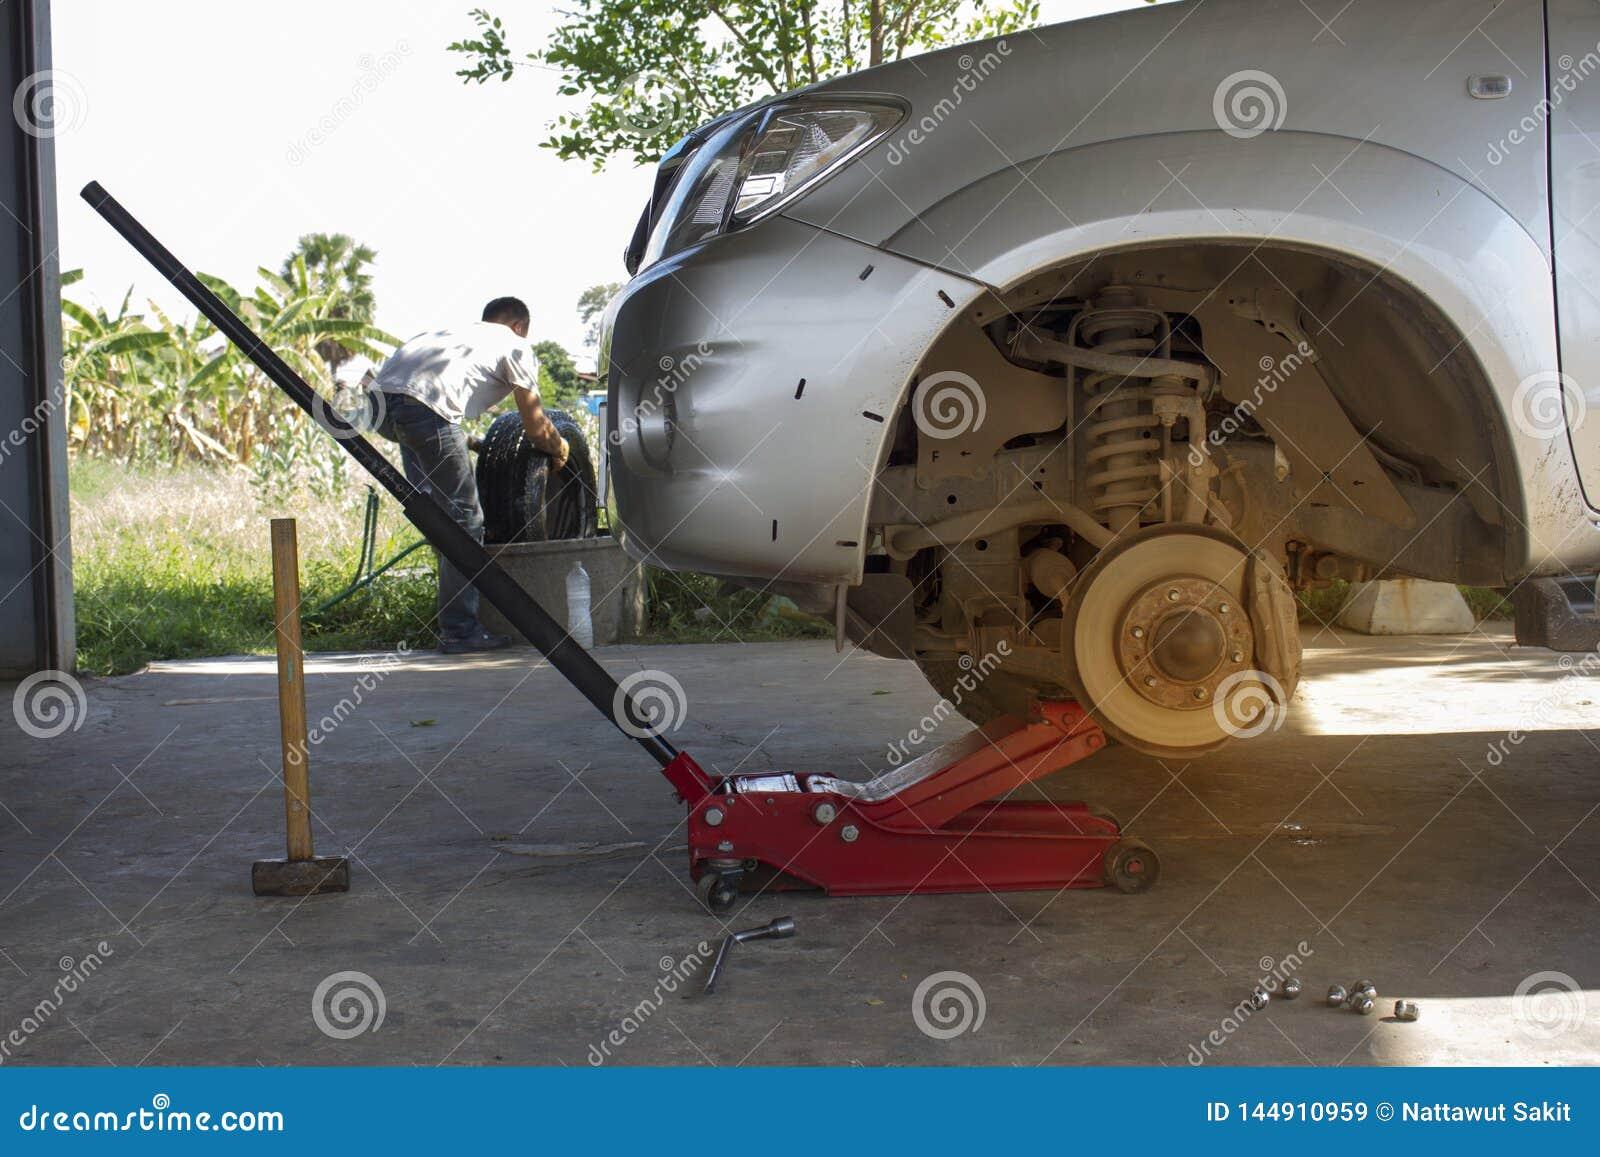 De werktuigkundige verwijdert de pick-upbanden gebruikend de rode hefboom